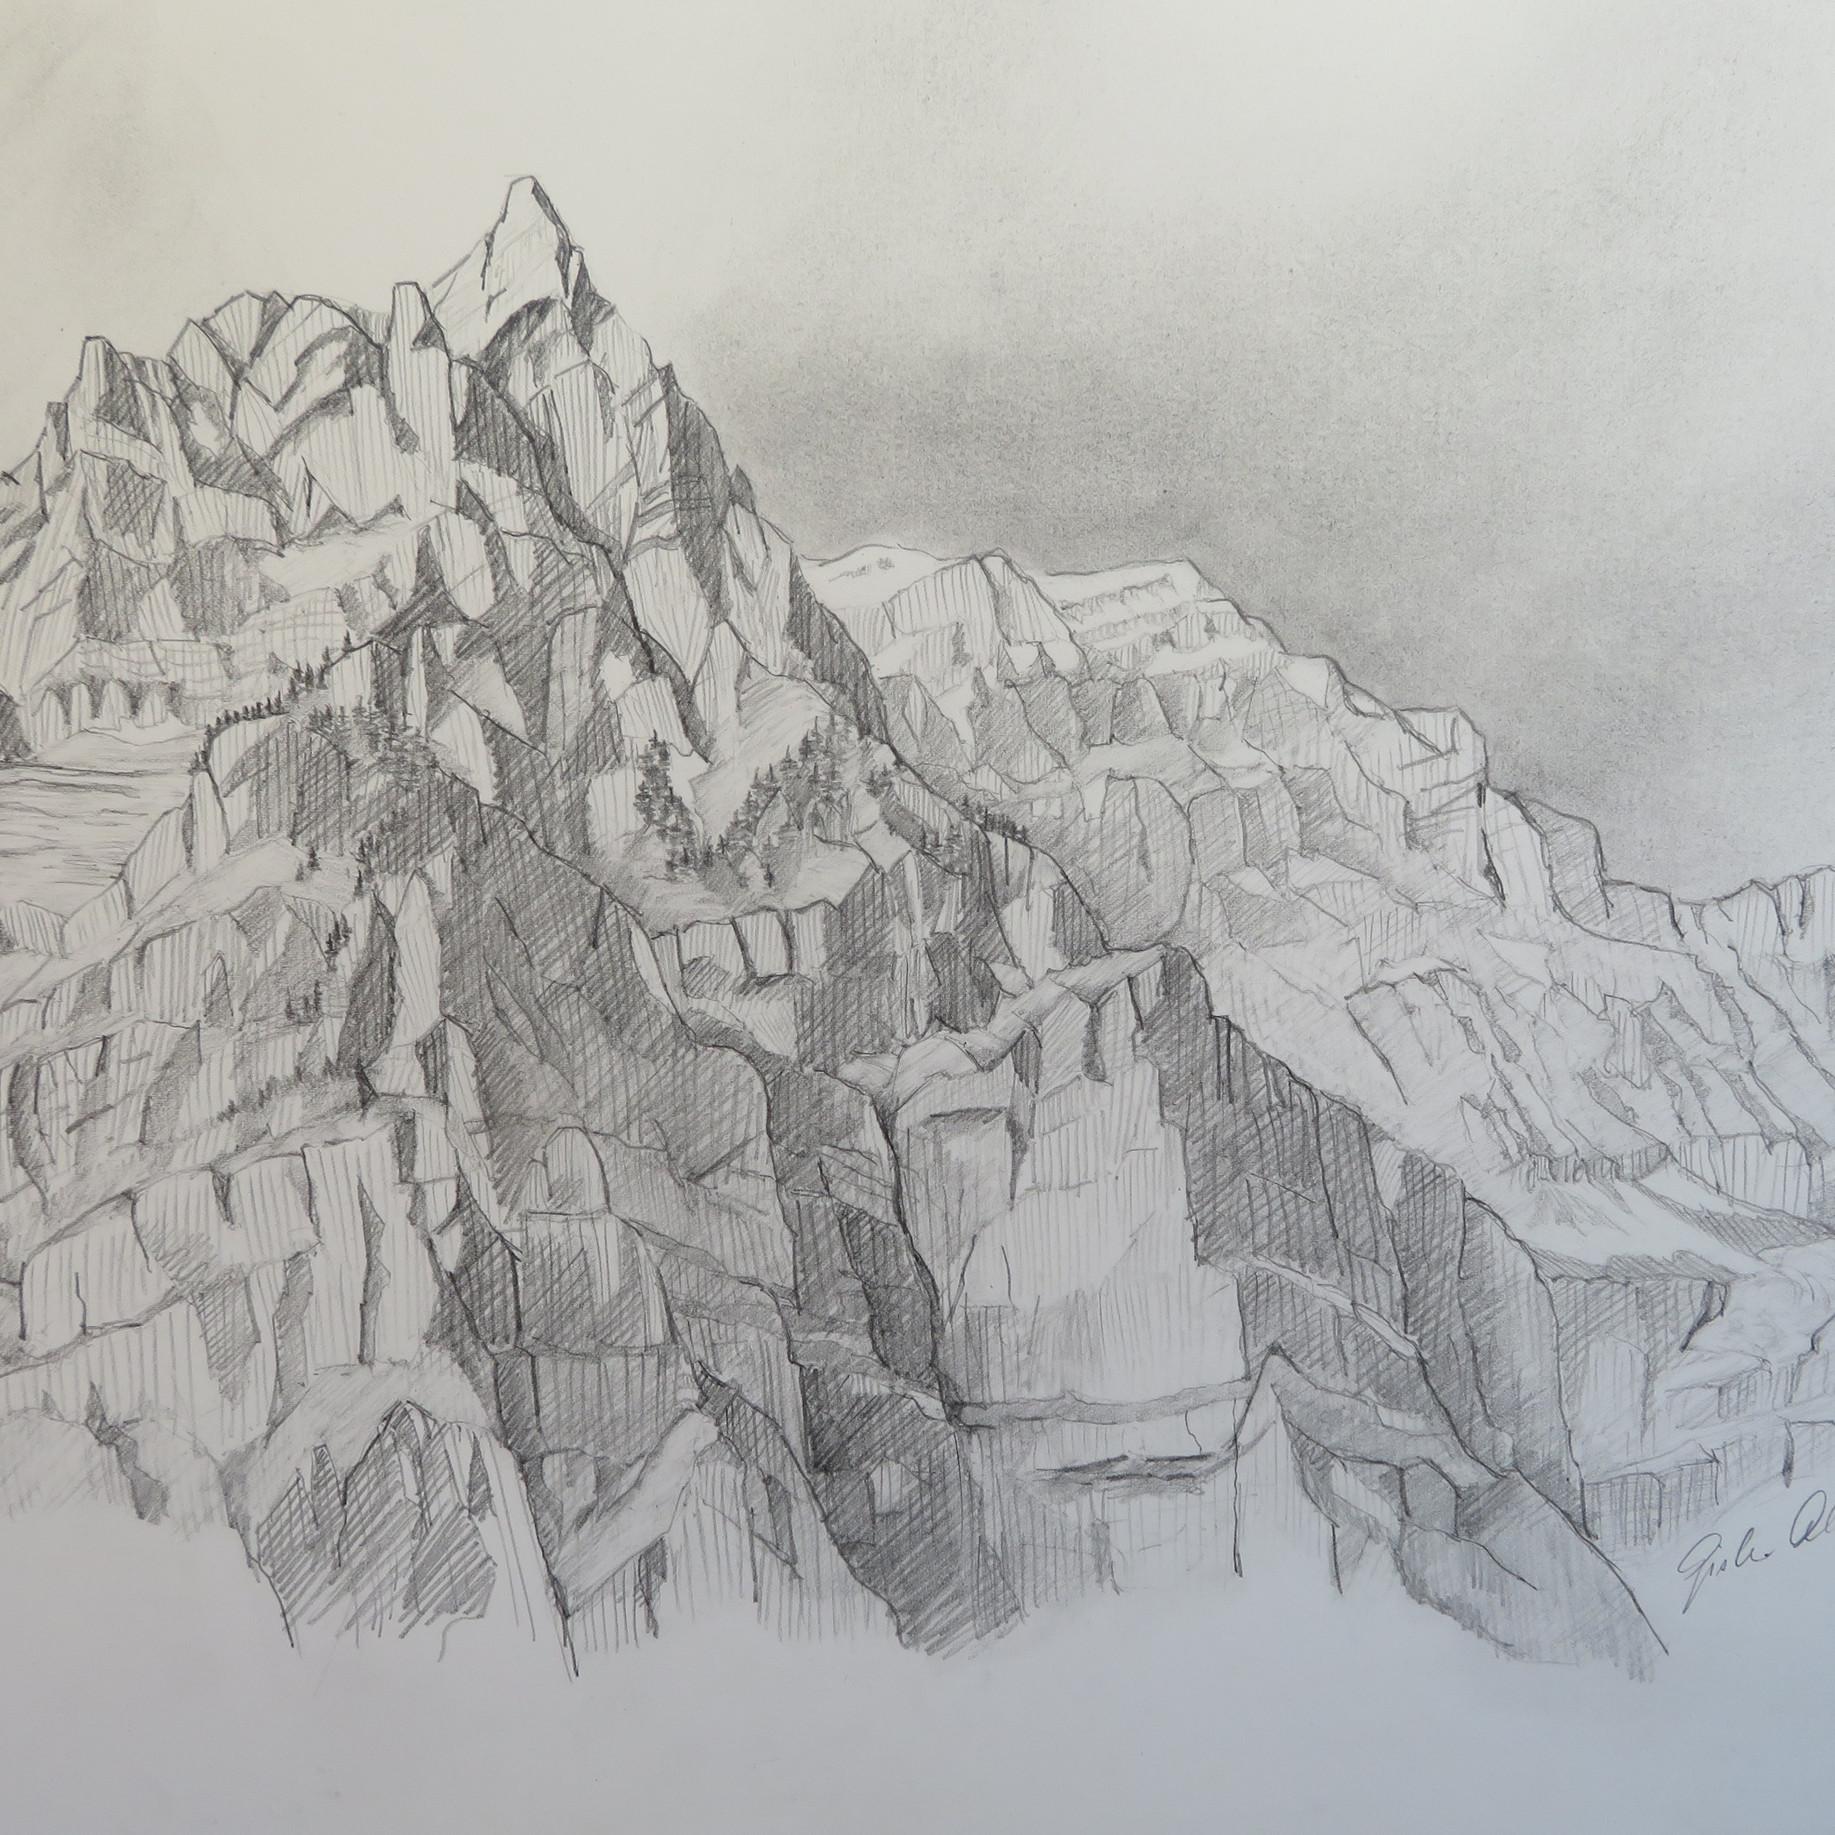 Wiggis und Rautispitz, GL                                         Bleistift, 42 x 60, 2020